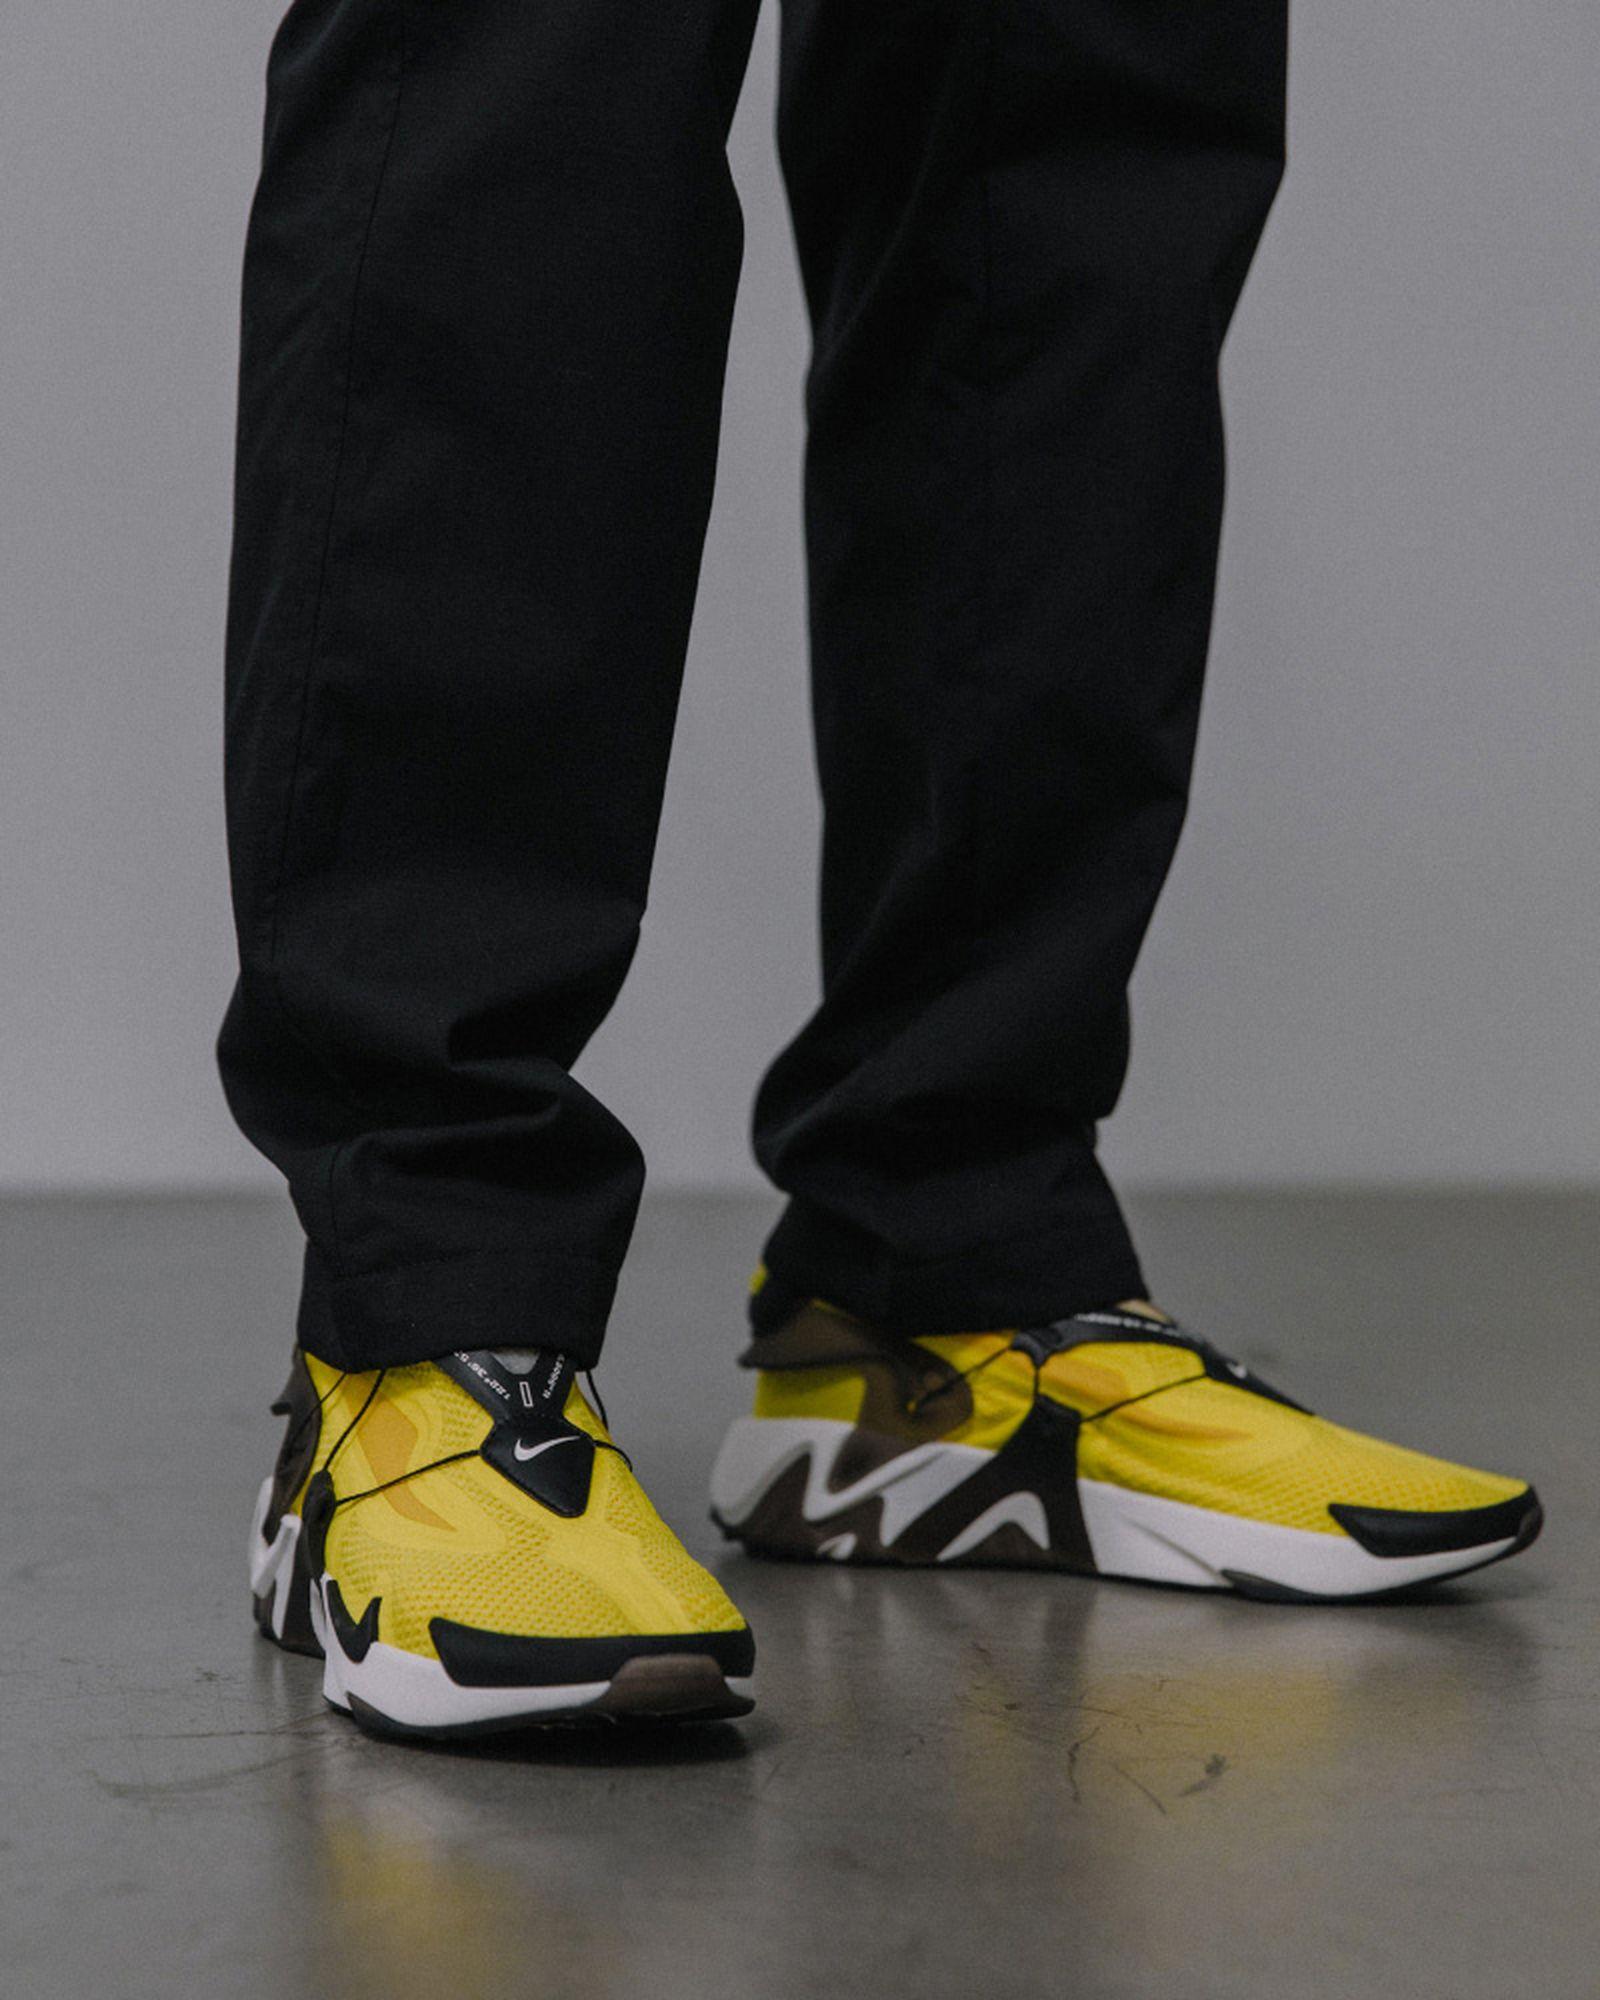 nike adapt huarache closer look Nike FitAdapt